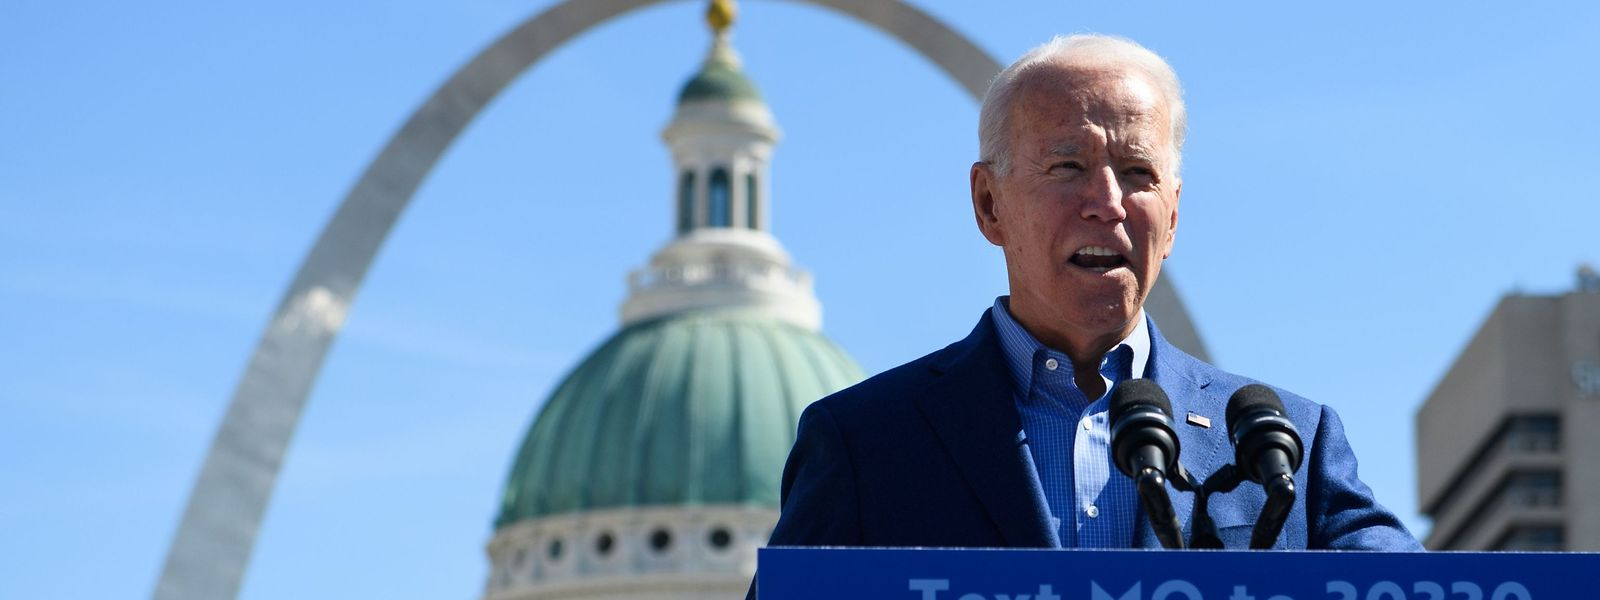 Dimanche, Joe Biden sera opposé à son adversaire Bernie Sanders au cours d'un débat télévisé.